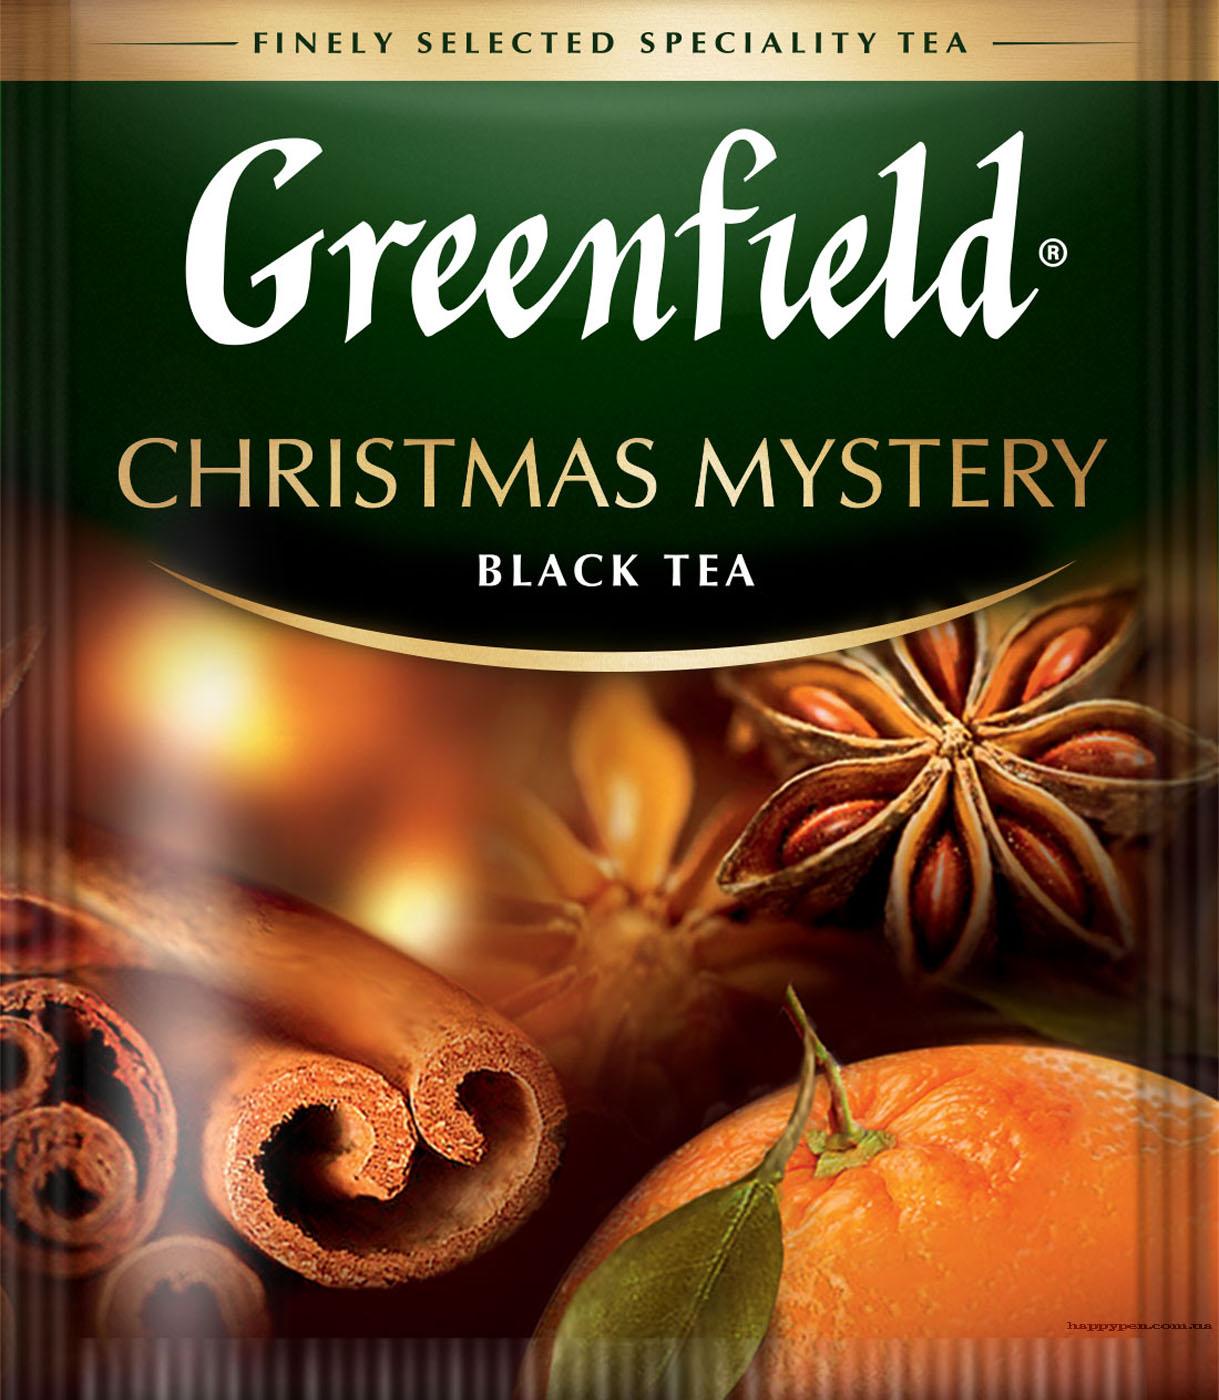 Чай черный ароматизированный Christmas Mystery 100пак. по 1,5гр., термосаше, в пакете Greenfield - фото 1